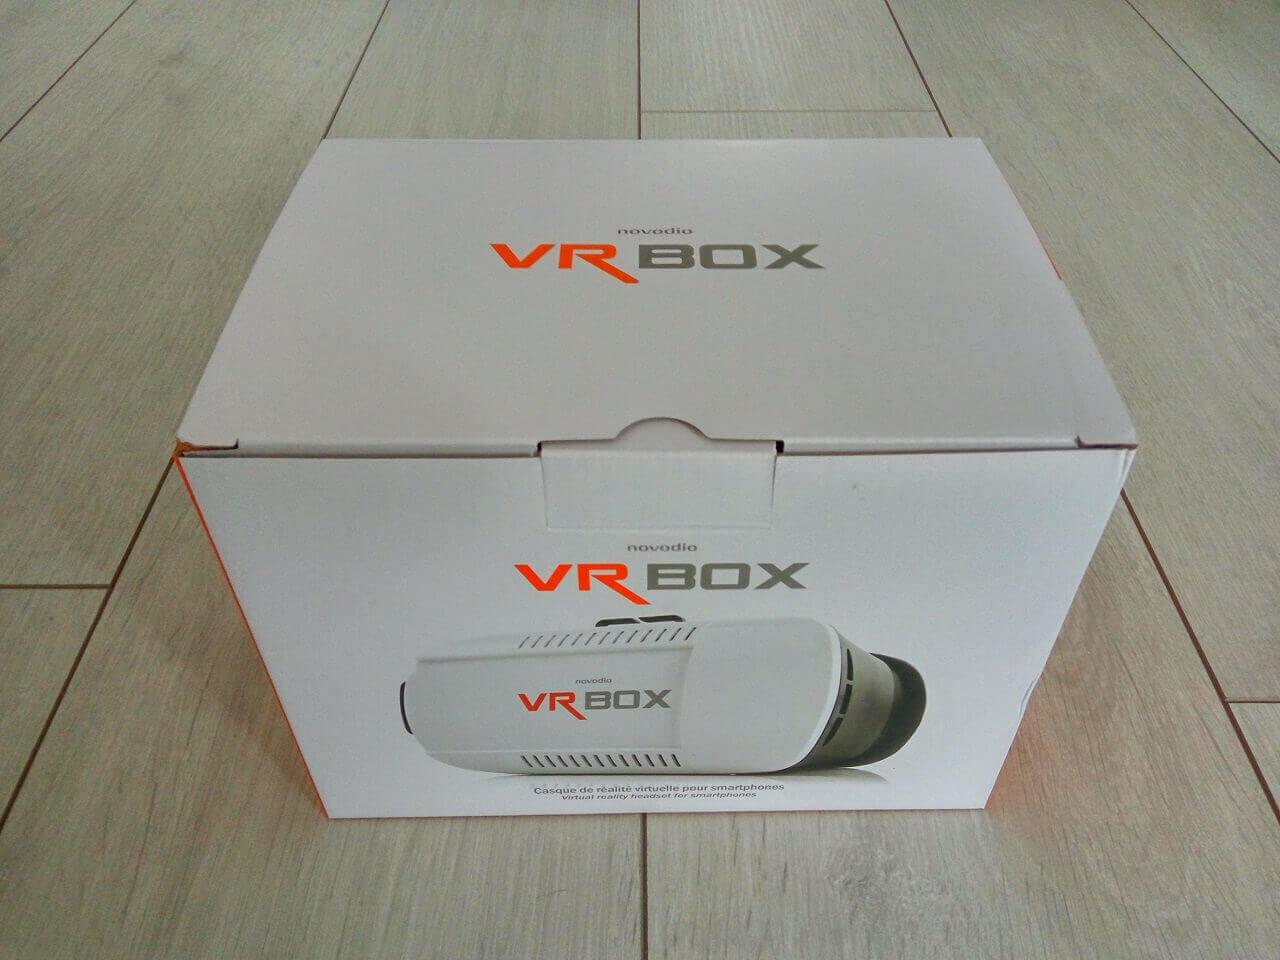 Novodio_VR_Box_Test_Photo_1